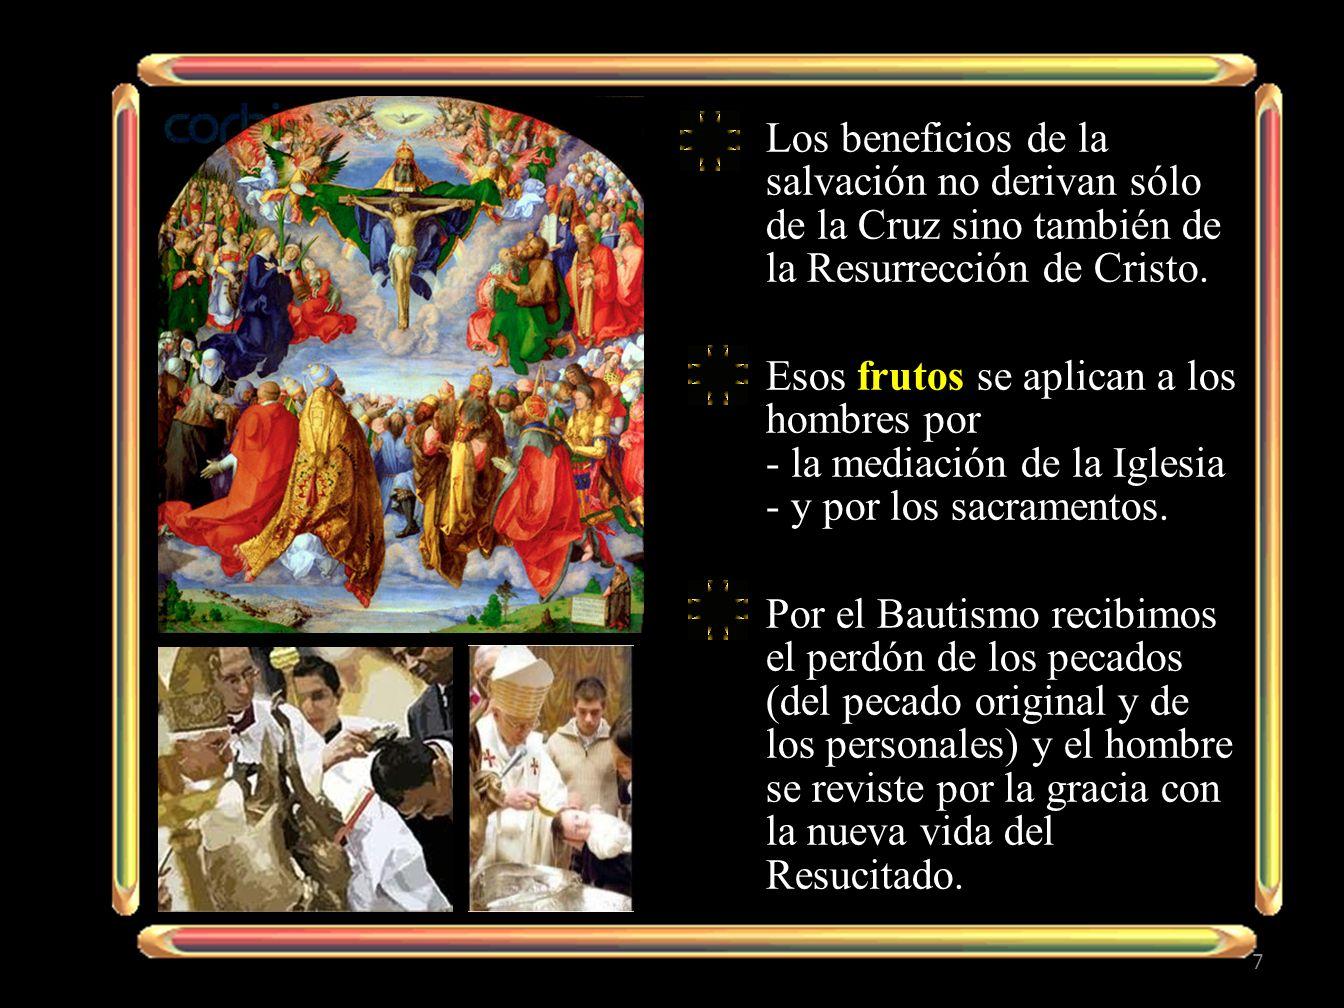 Los beneficios de la salvación no derivan sólo de la Cruz sino también de la Resurrección de Cristo. Esos frutos se aplican a los hombres por - la med